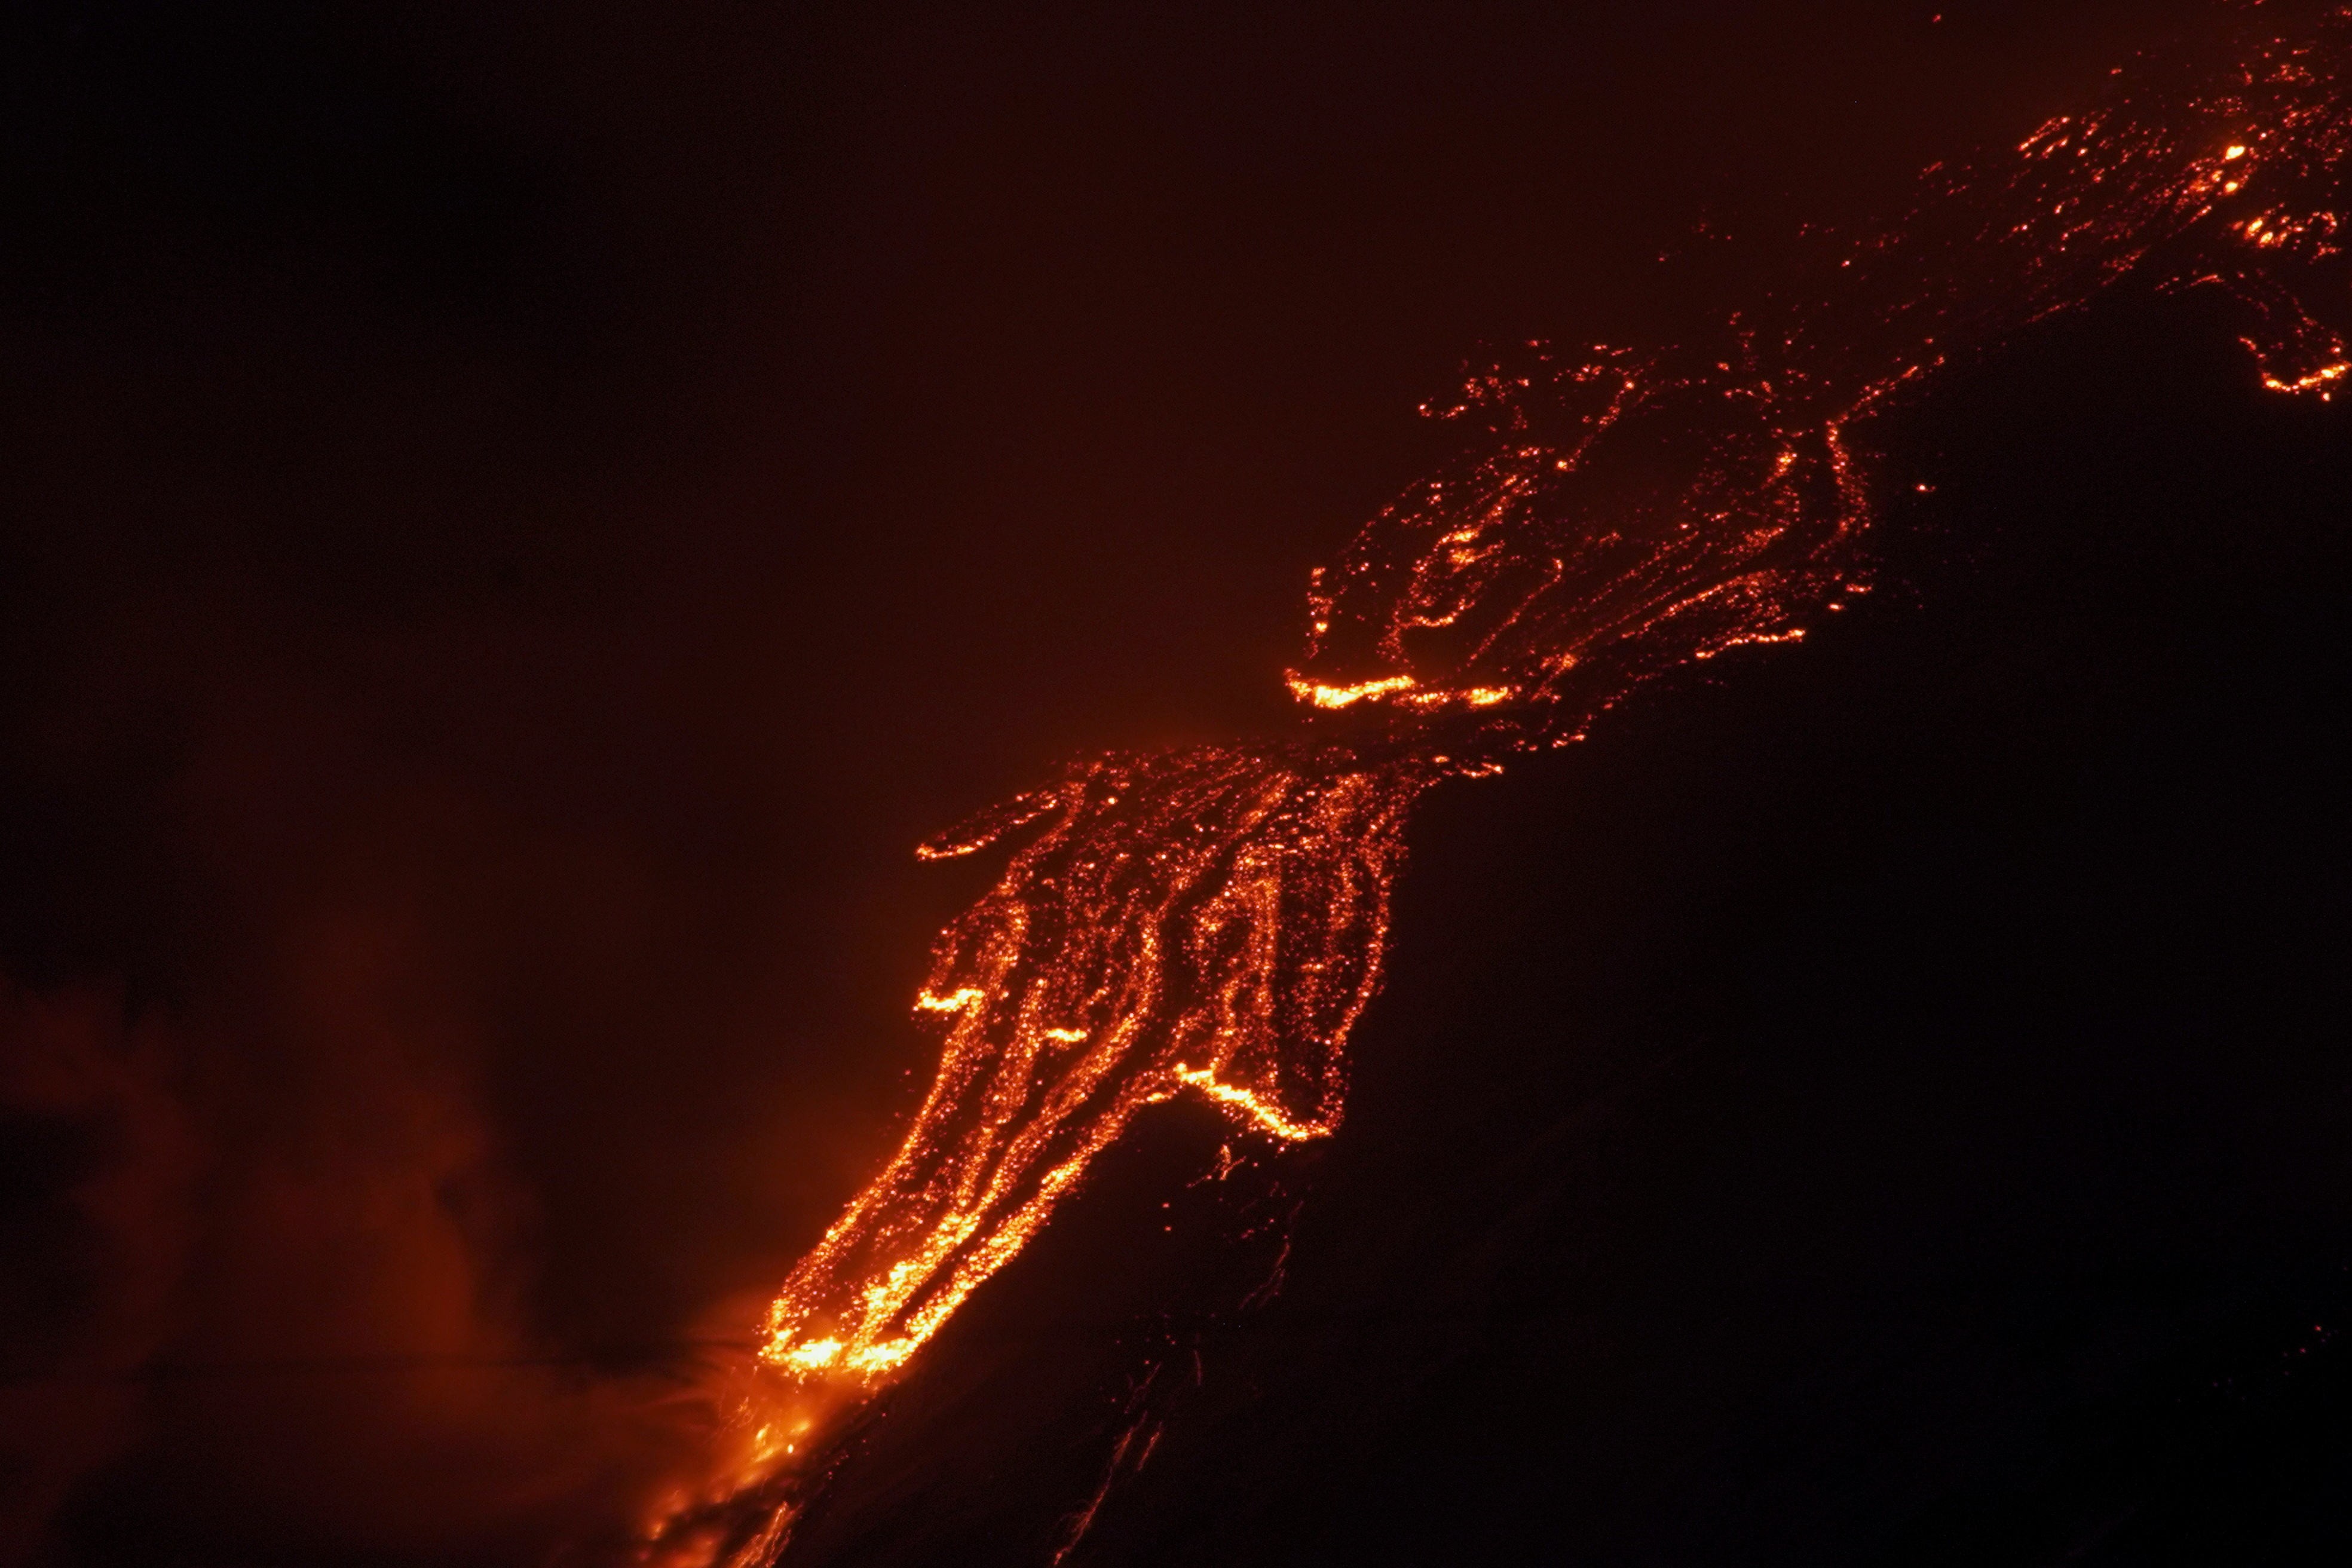 Con una espectacular erupción de lava y llamas, el volcán Etna ilumina el cielo nocturno de Italia (Foto Reuters/Antonio Parrinello)